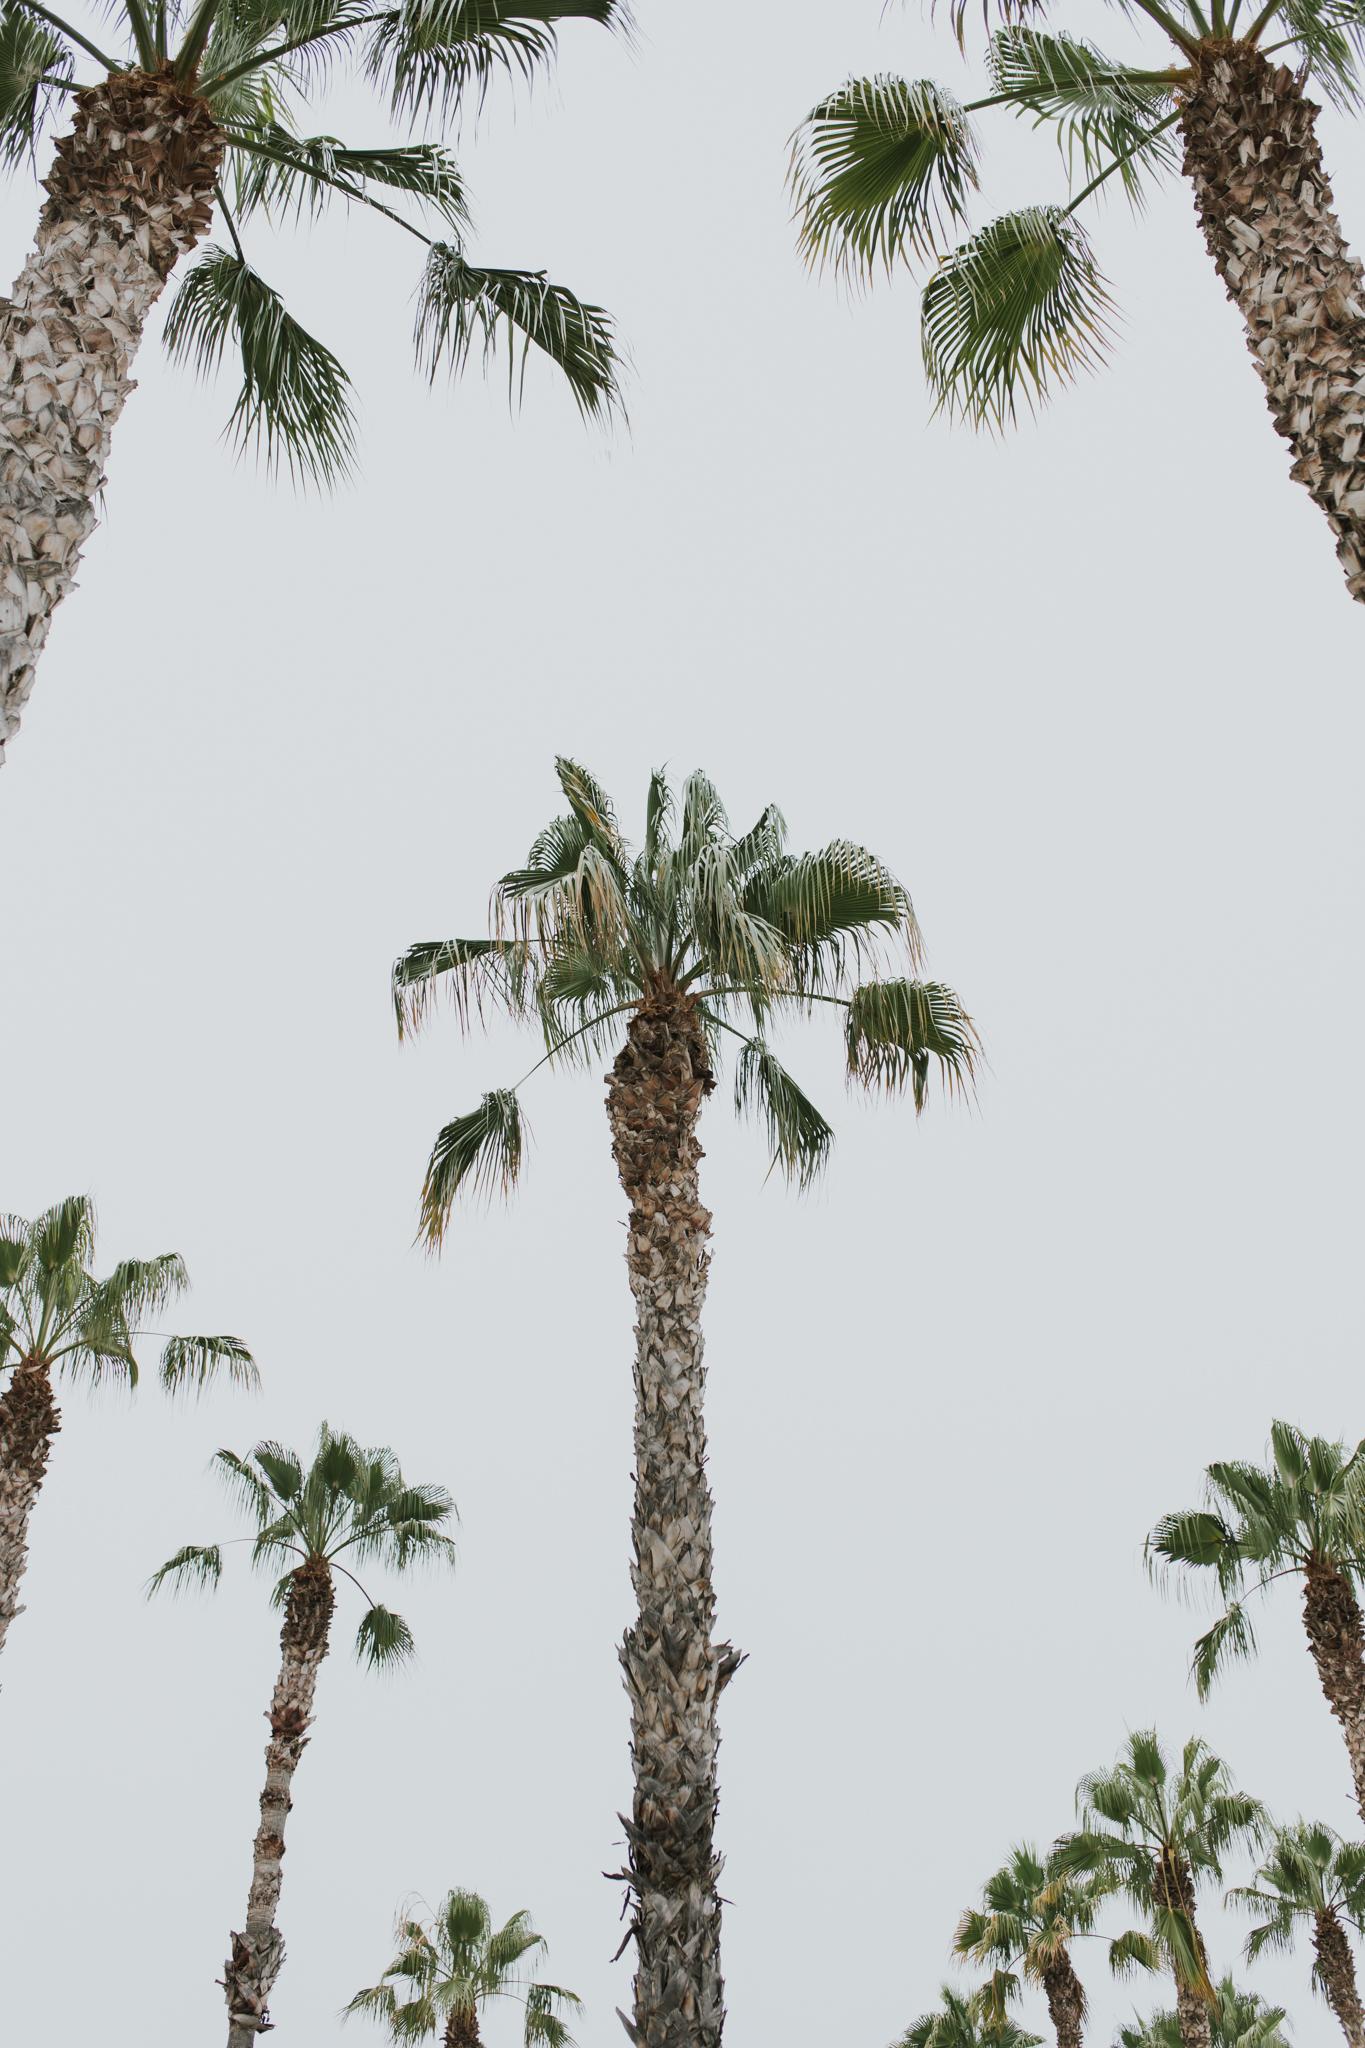 Natalie Skoric - Spain Travel Photography-14.jpg